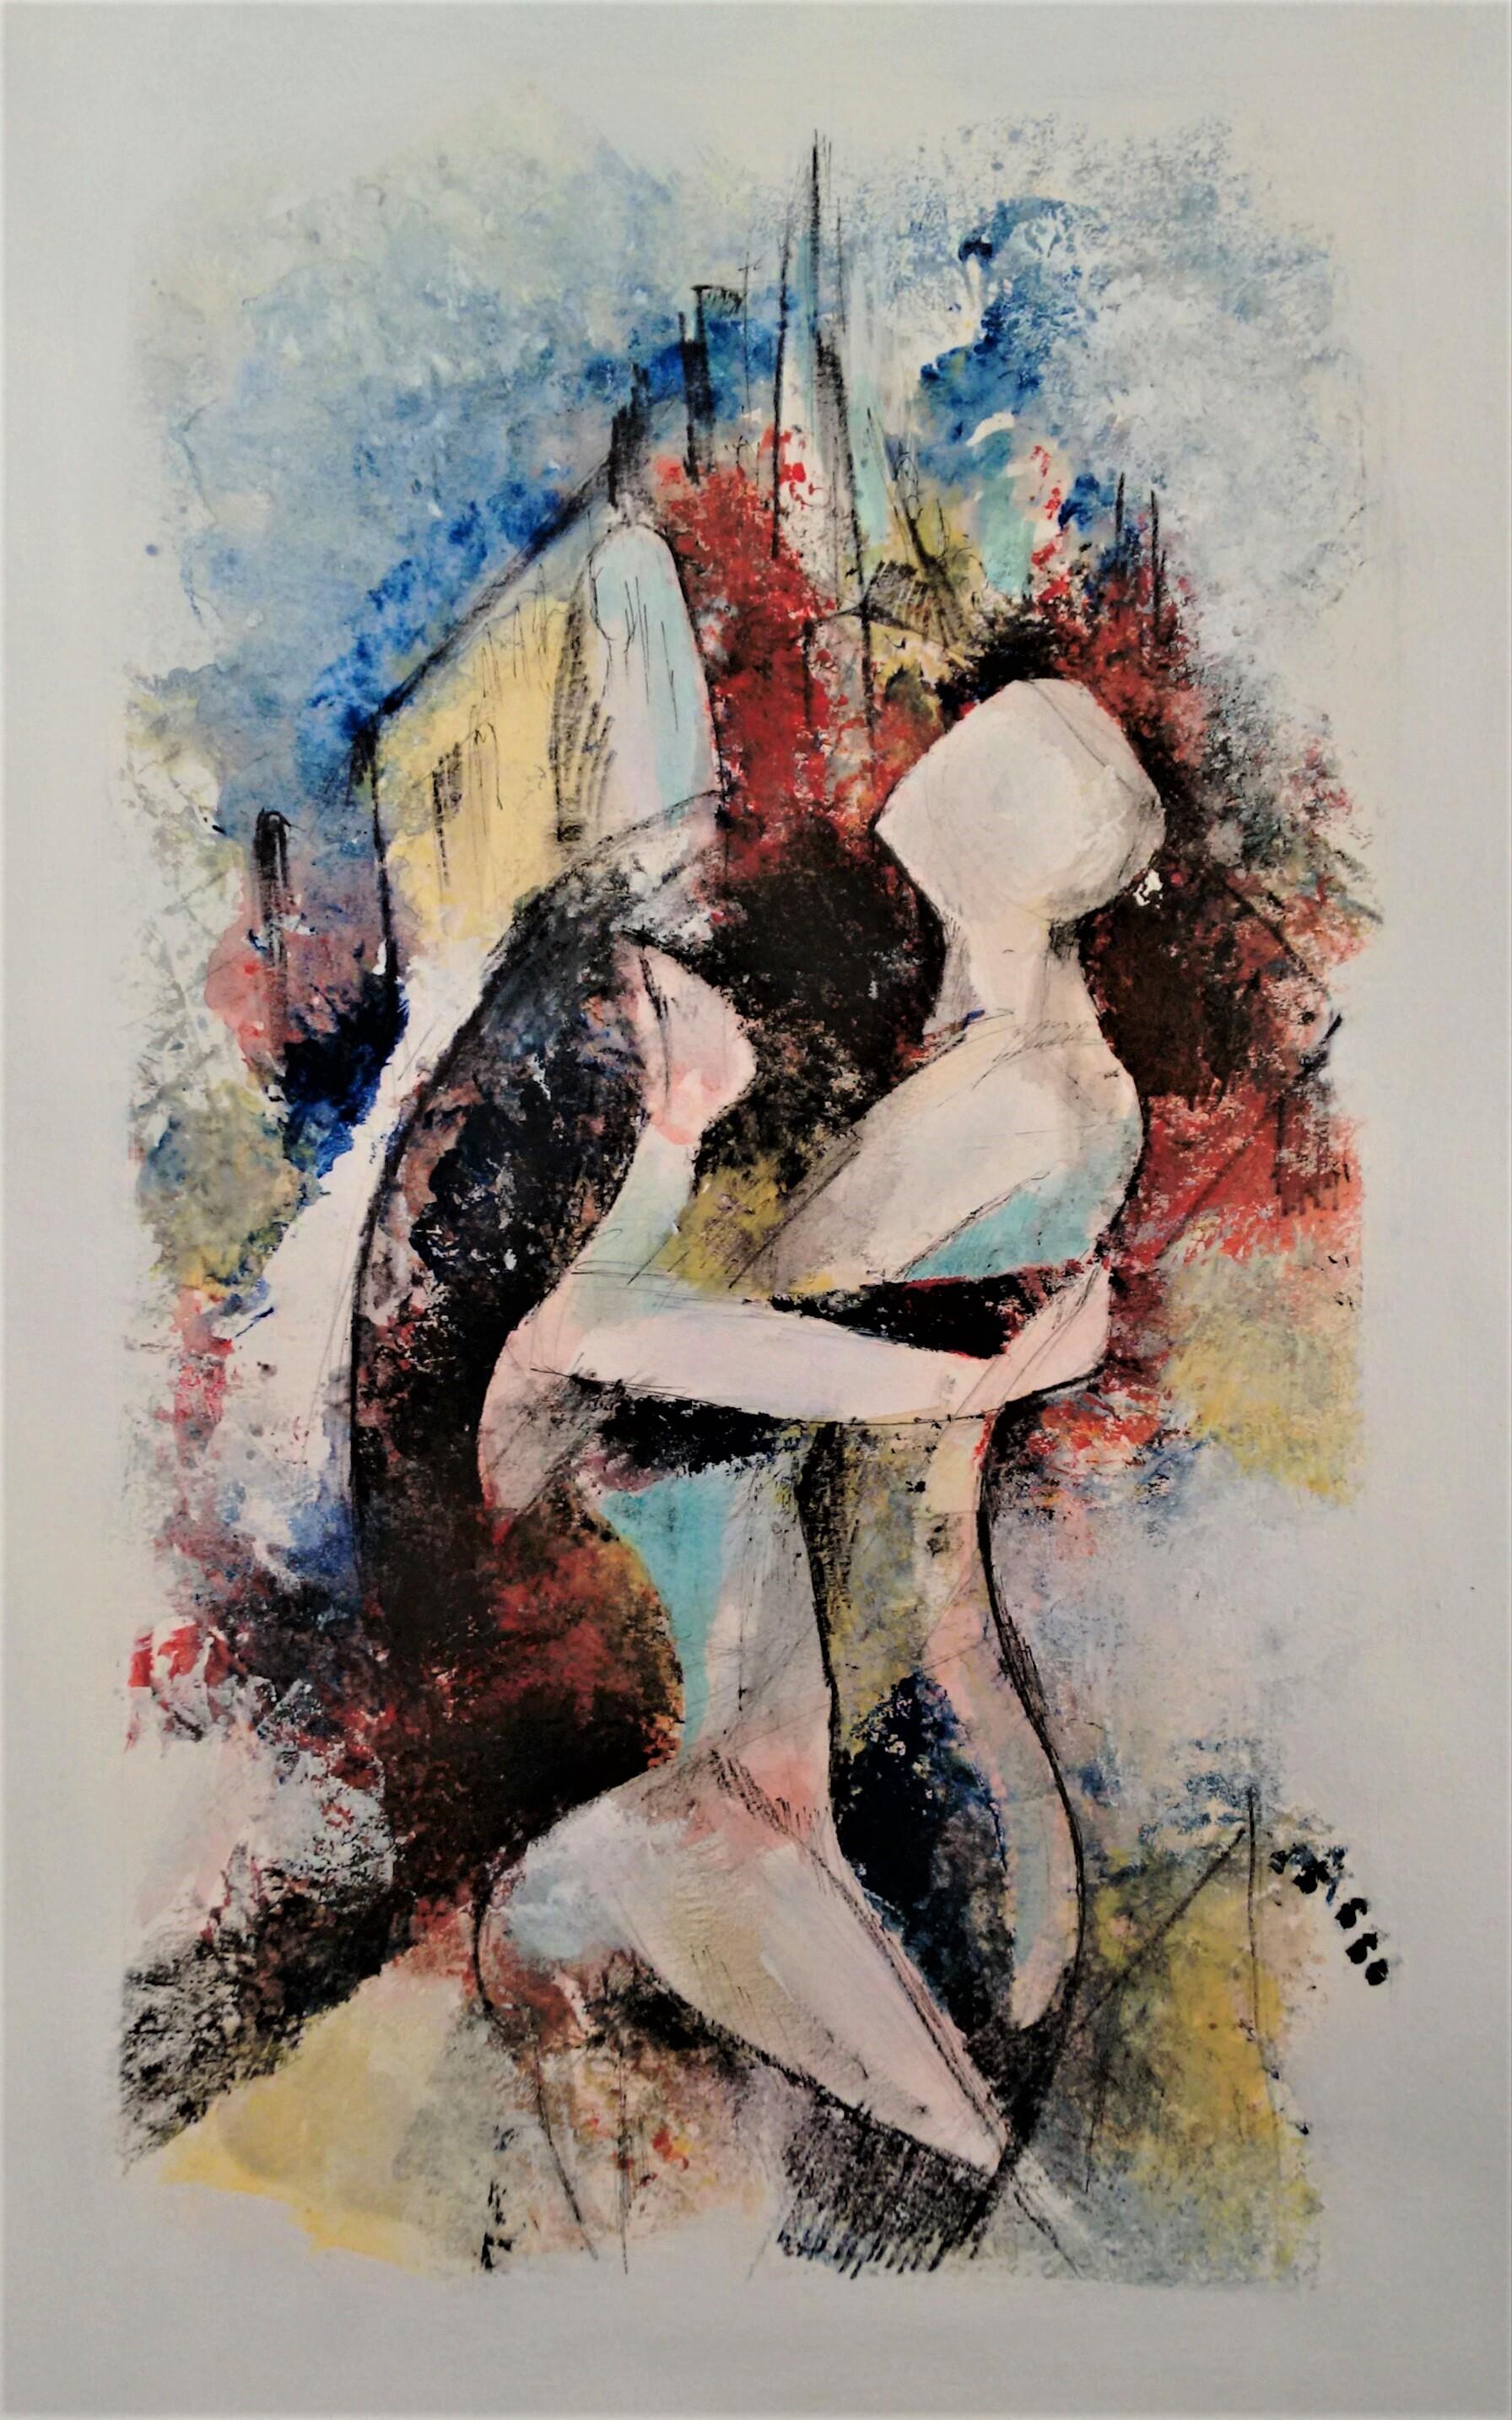 Anime, dipinto di Ivano Petrucci